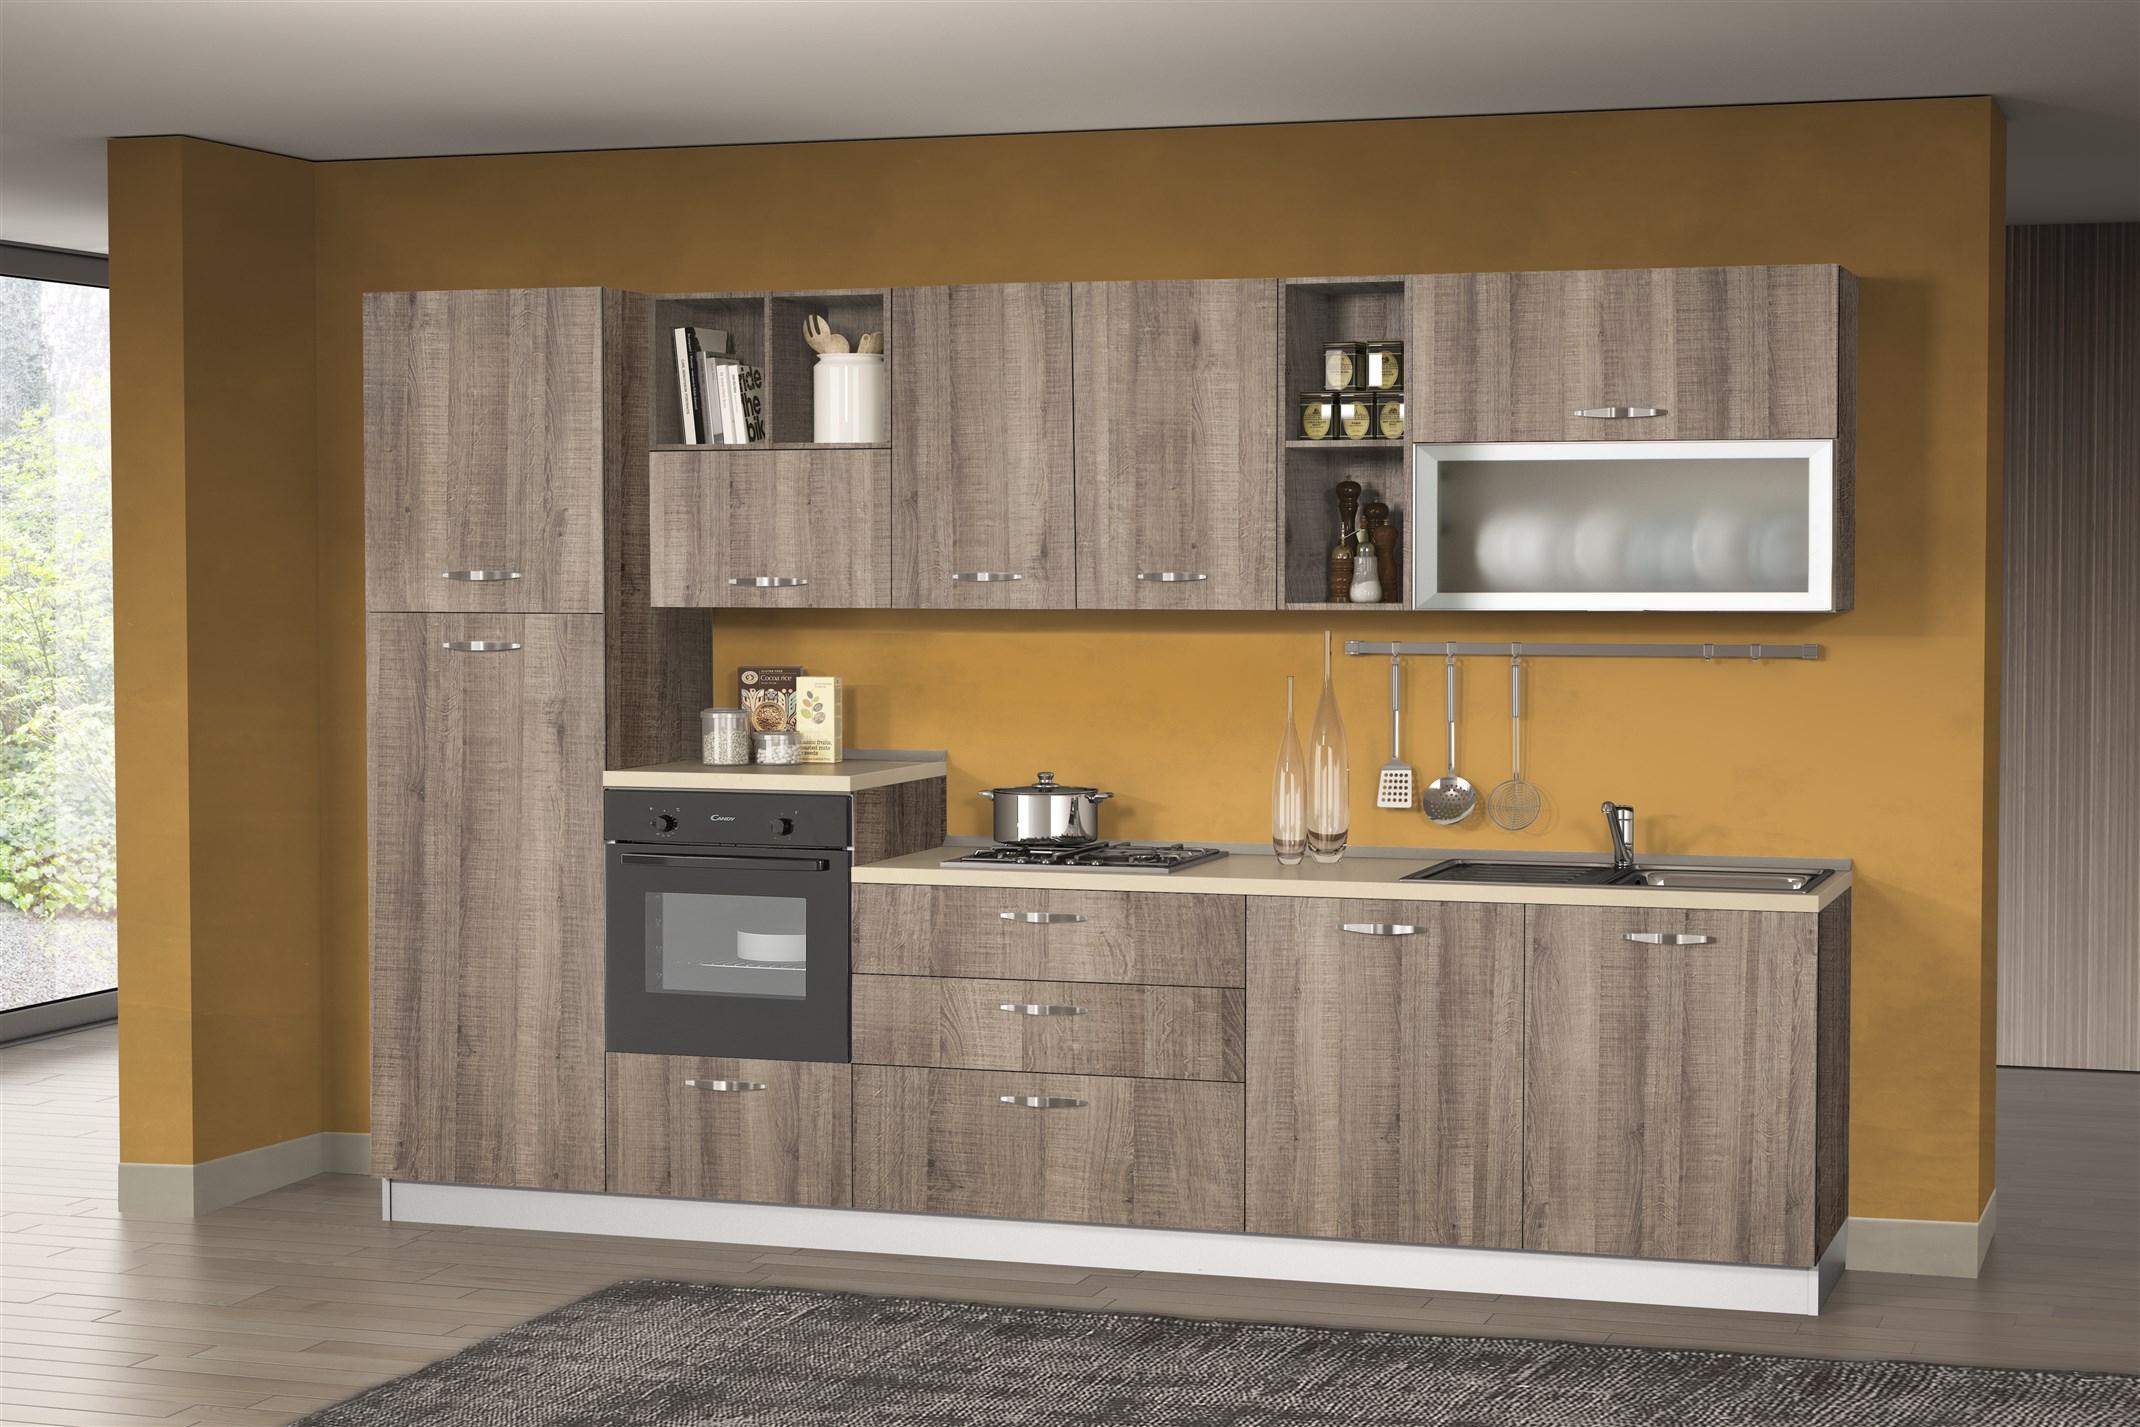 Cucina Antares 330 | Arredamenti Di Lorenzo Napoli